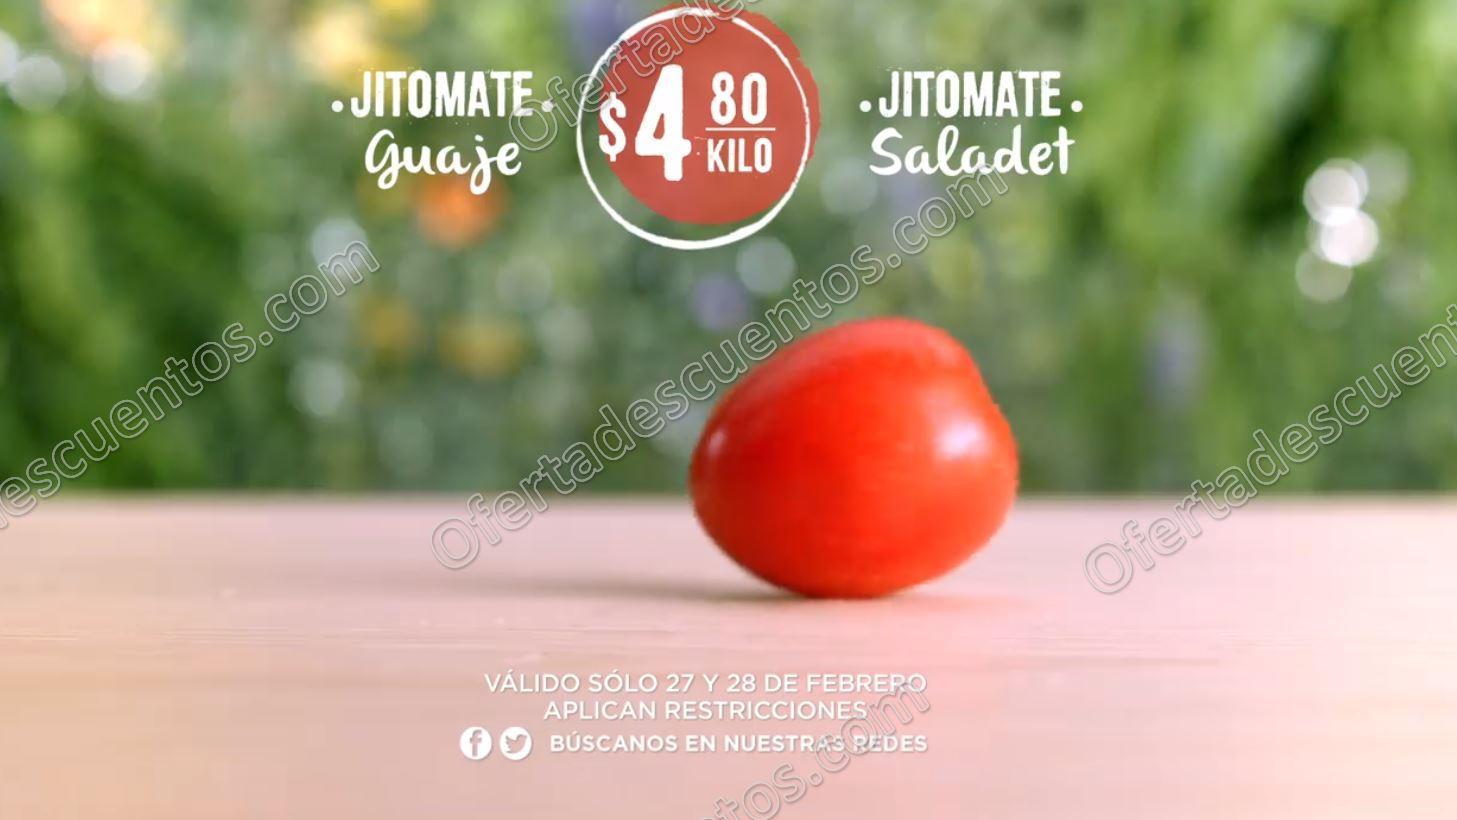 Frutas y Verduras Comercial Mexicana 27 y 28 de Febrero 2018